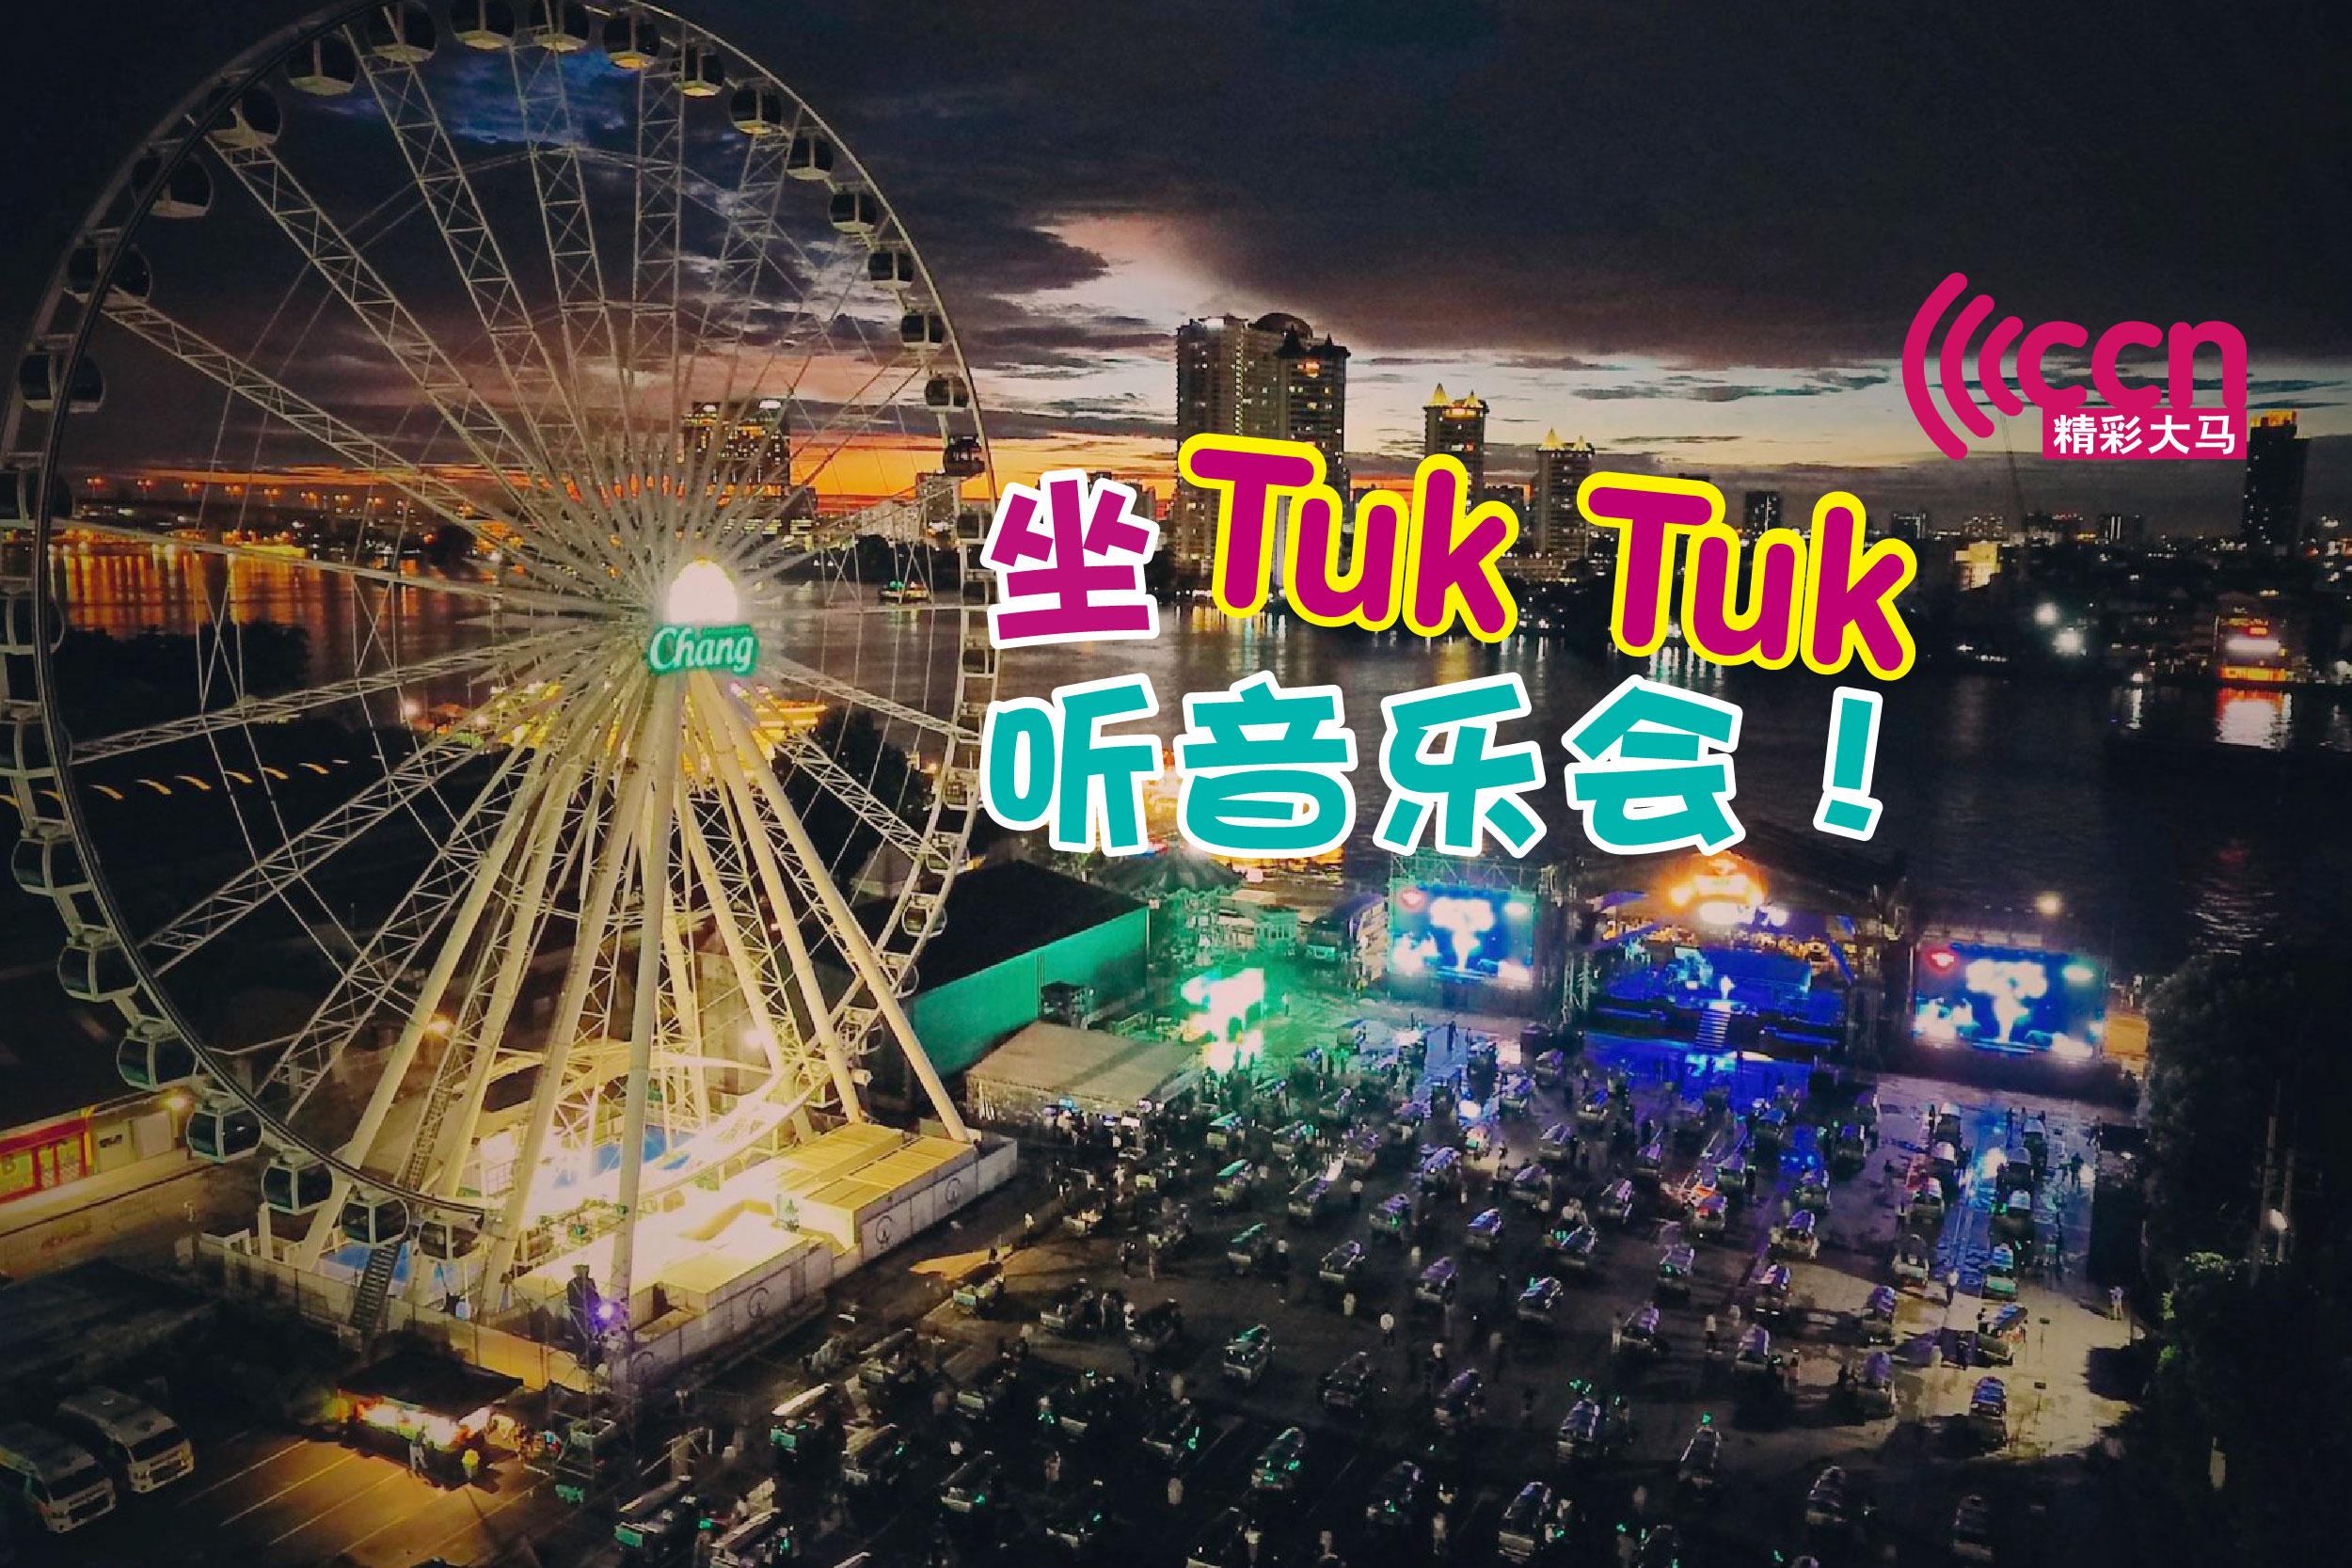 """""""神奇泰国嘟嘟车音乐会""""是泰国政府,在疫情新常态下举办的大型活动!-精彩大马制图-"""